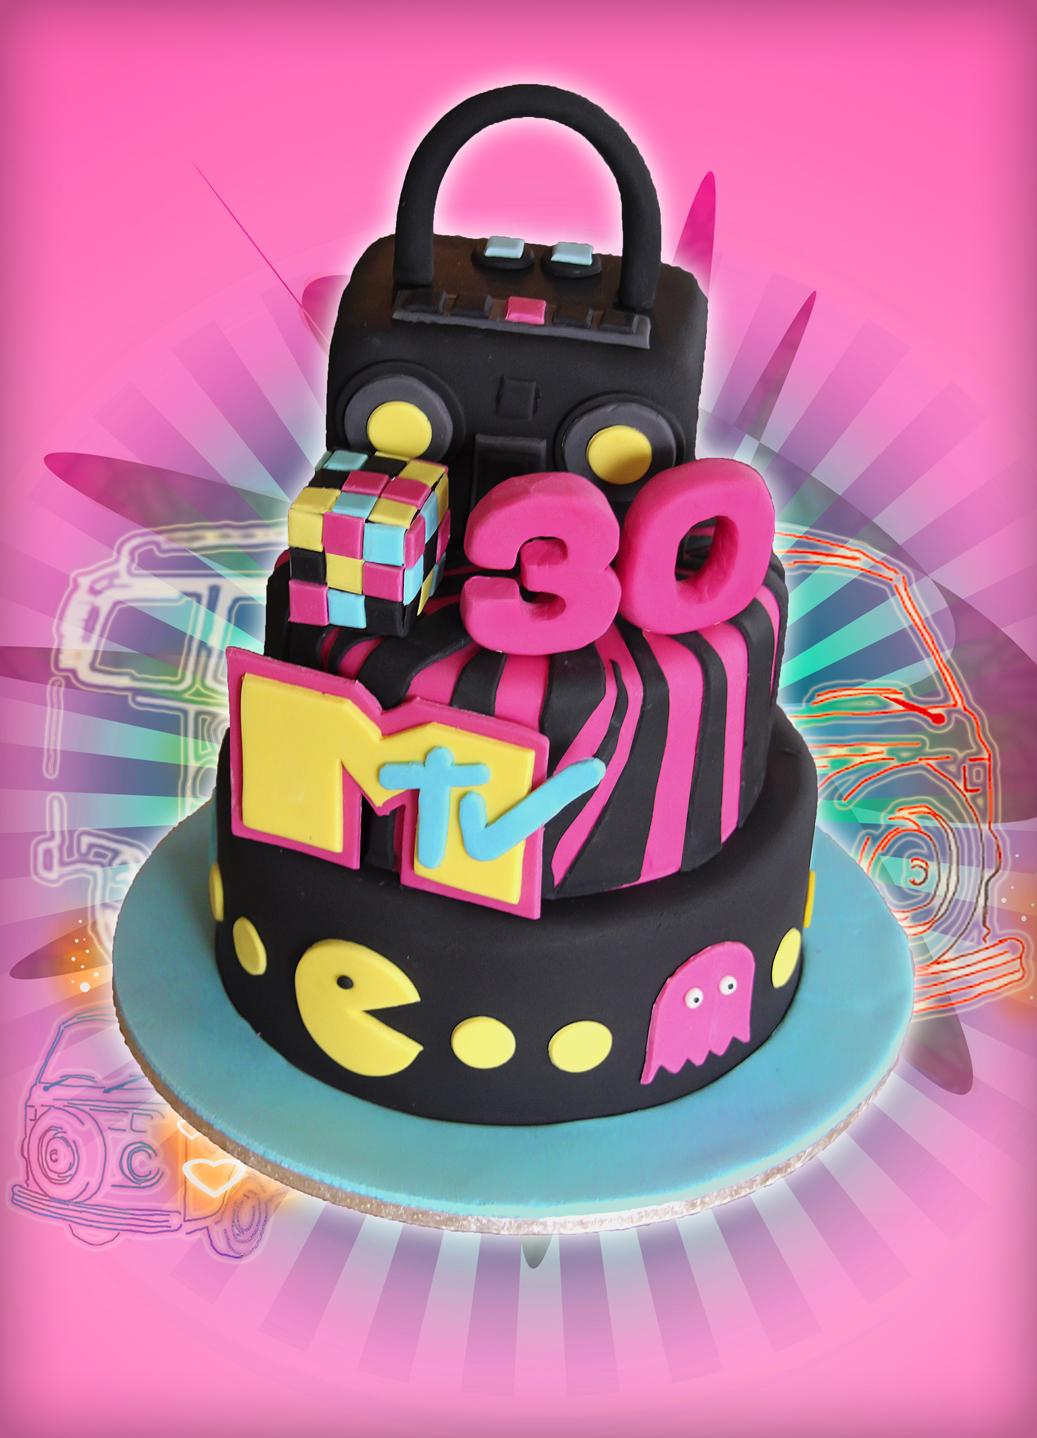 Celebration Cakes Cakes